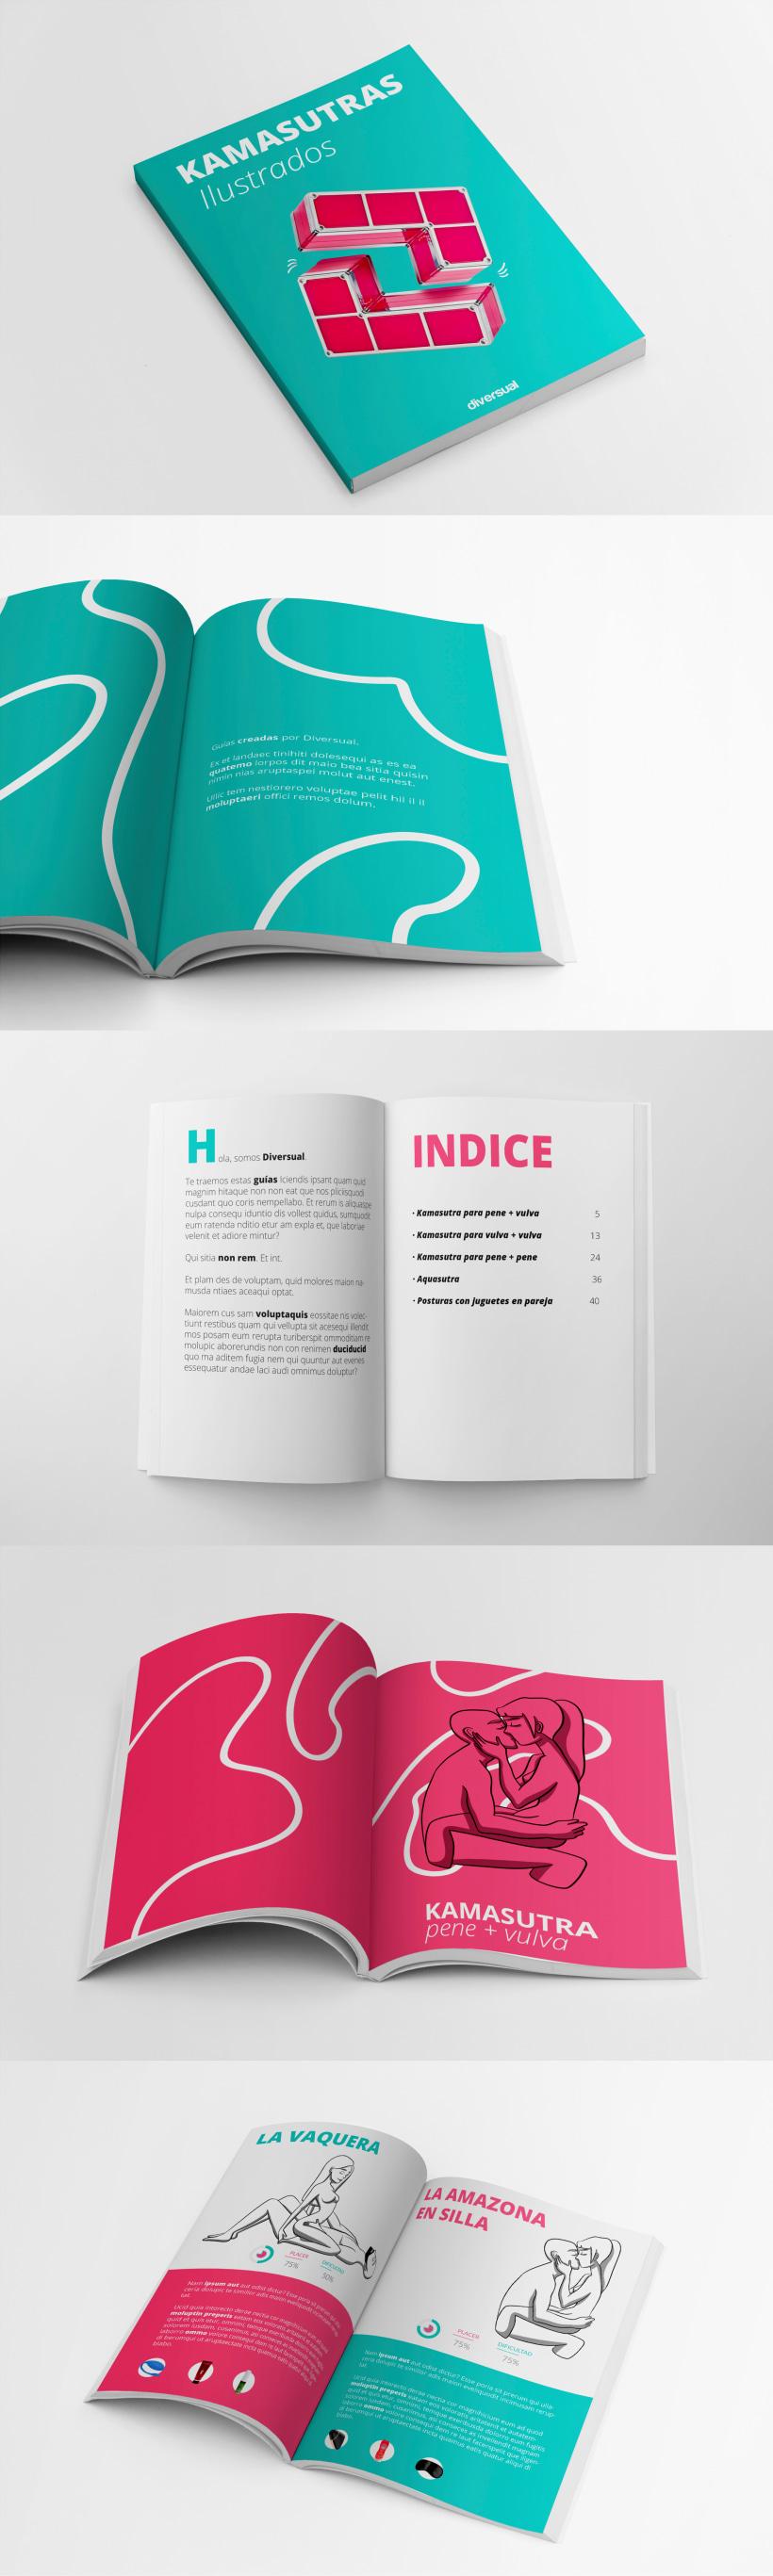 Diseño Guía de Kamasutras ilustrados para Diversual ...